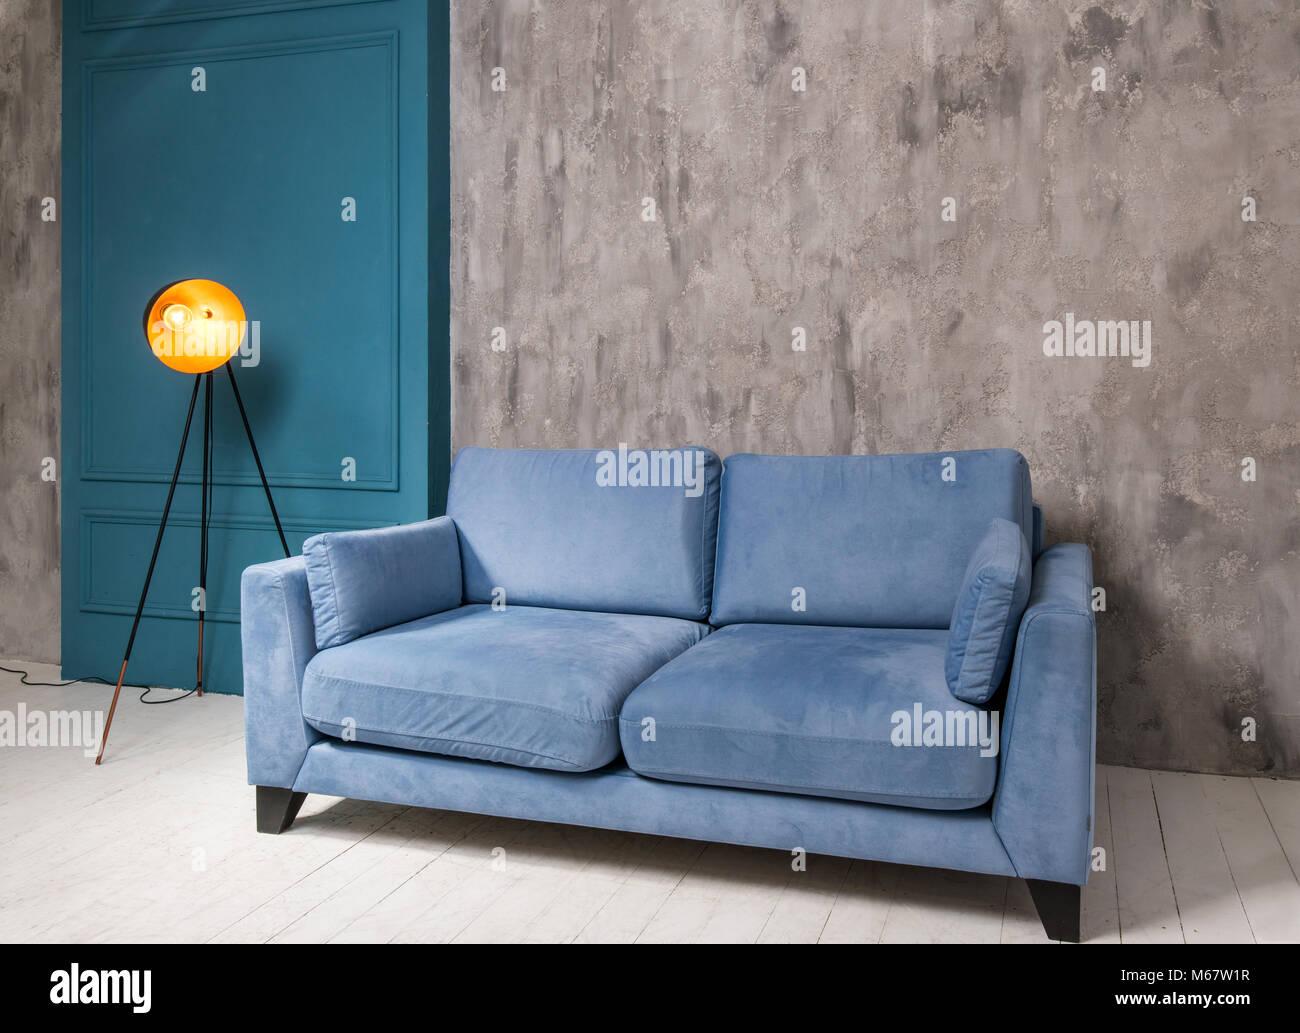 Intérieur salon avec canapé bleu et lampe retro Photo Stock